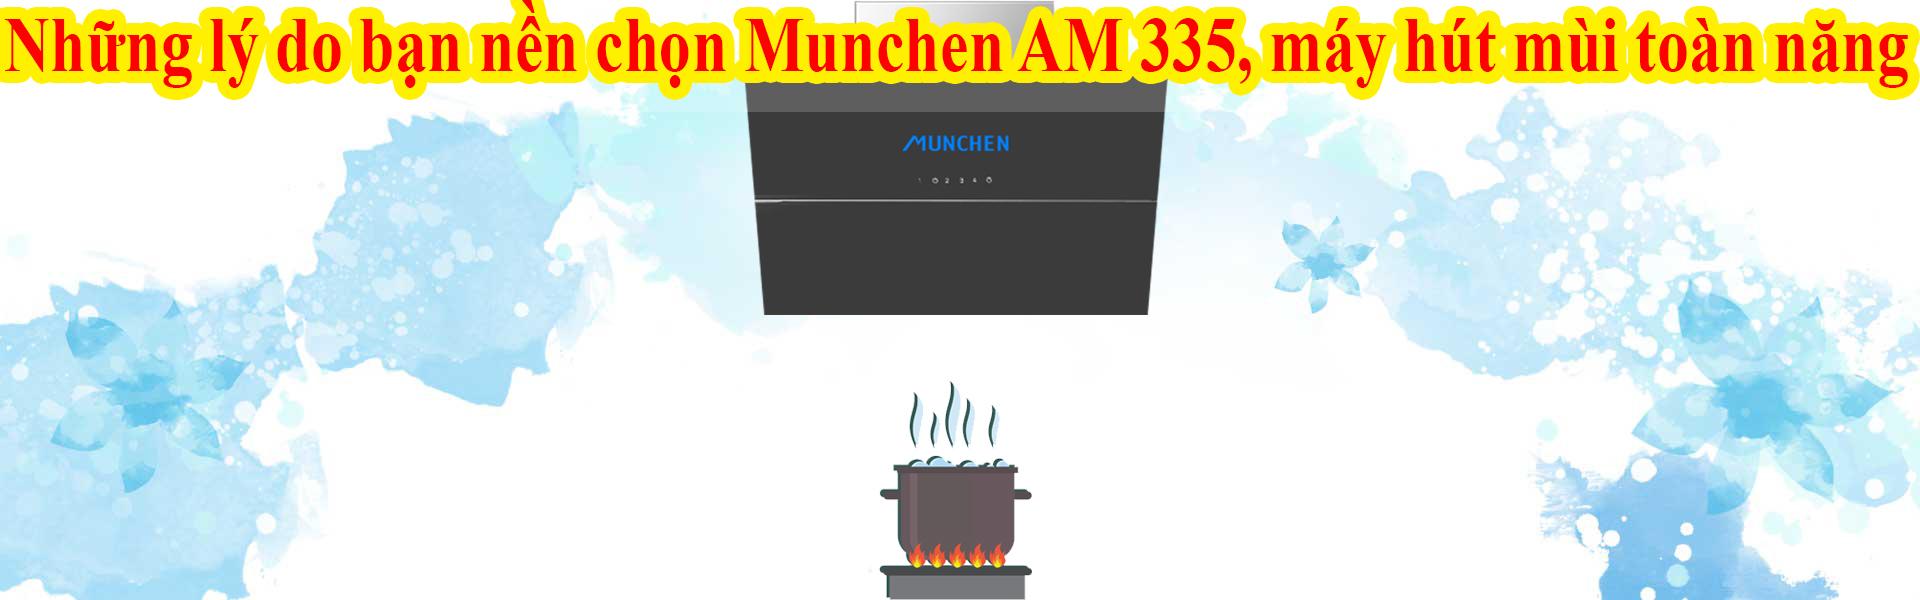 Những lý do bạn nền chọn Munchen AM 335, máy hút mùi toàn năng